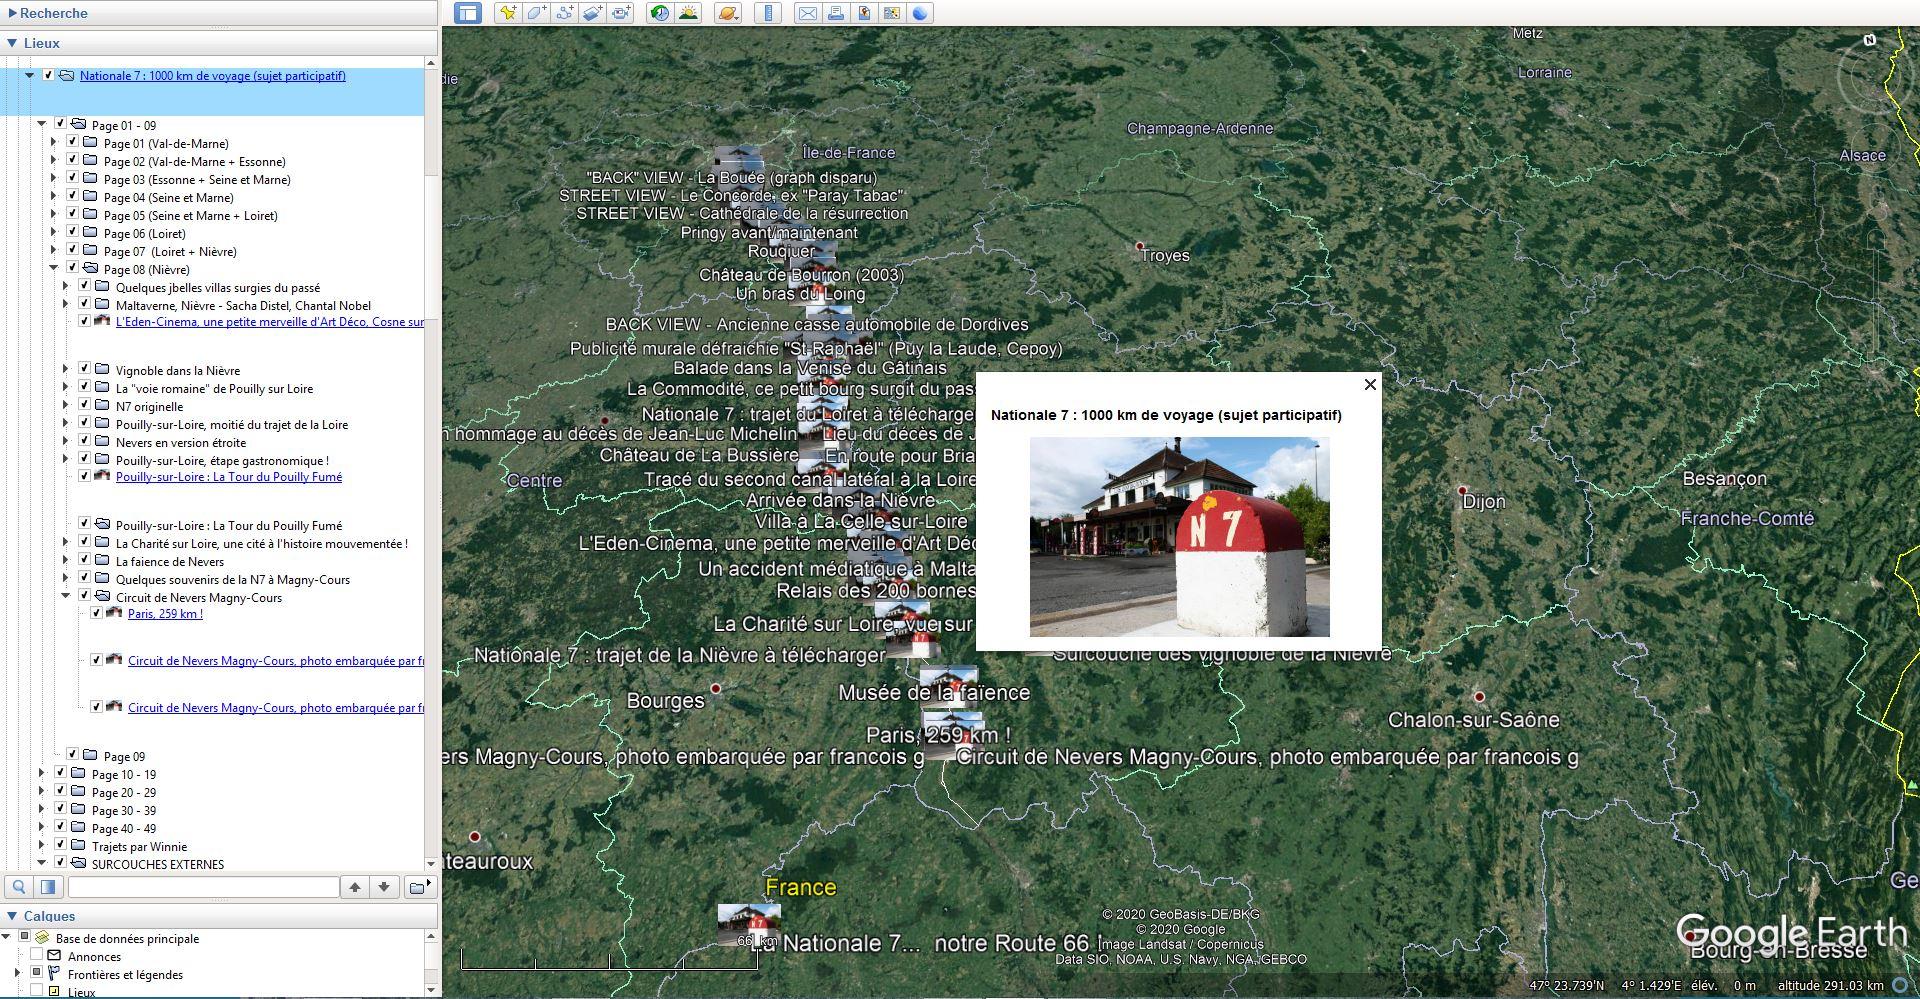 Nationale 7 : 1000 km de voyage (sujet participatif) - Page 9 Tsge1828